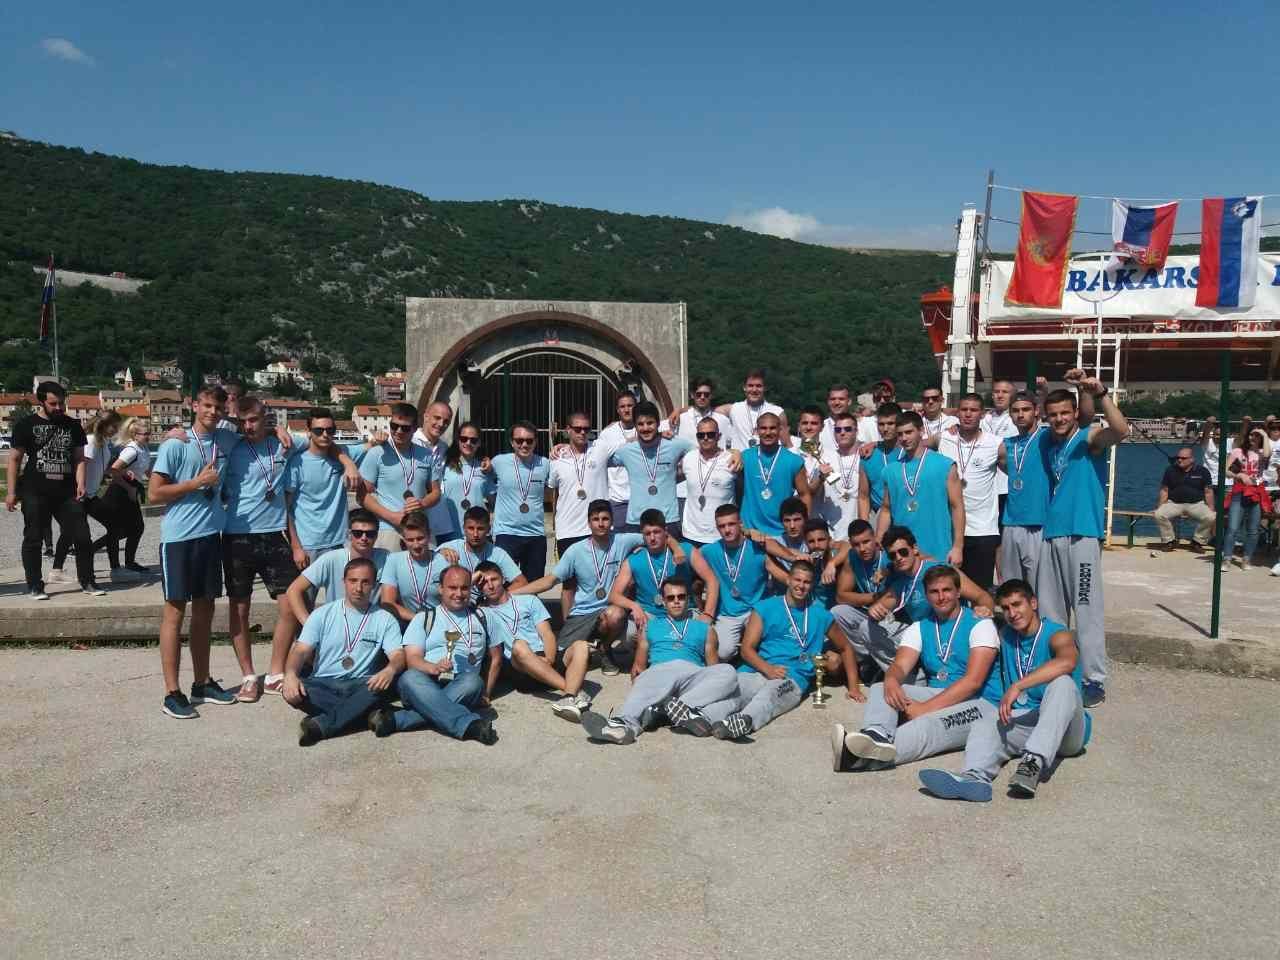 Srebro na medjunarodnoj veslackoj regati, maj 2018 (7)